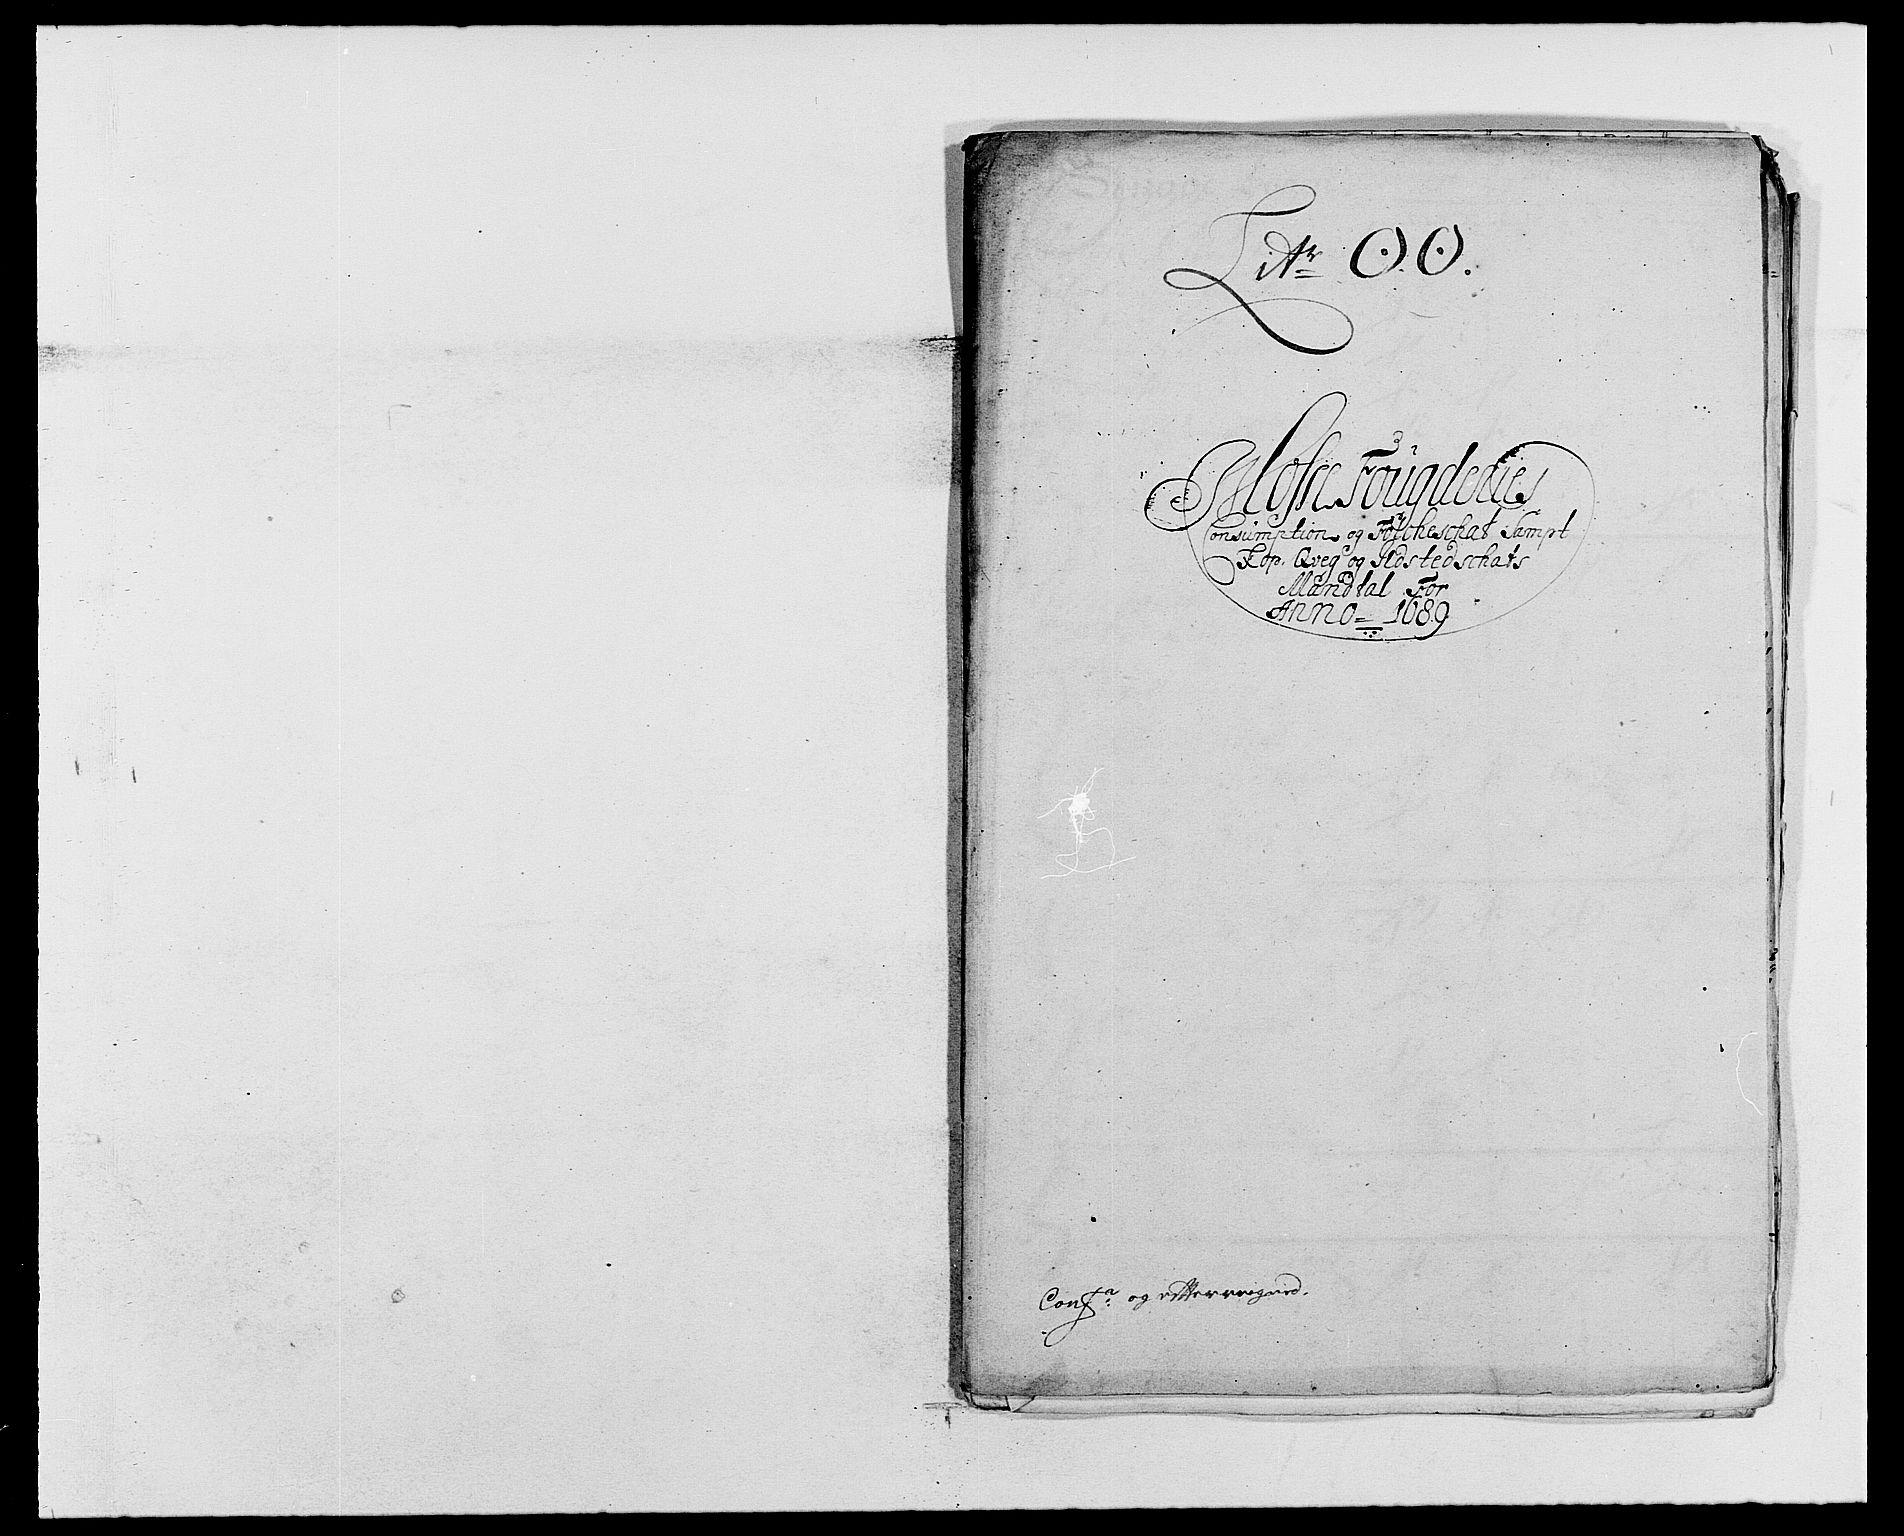 RA, Rentekammeret inntil 1814, Reviderte regnskaper, Fogderegnskap, R02/L0106: Fogderegnskap Moss og Verne kloster, 1688-1691, s. 255